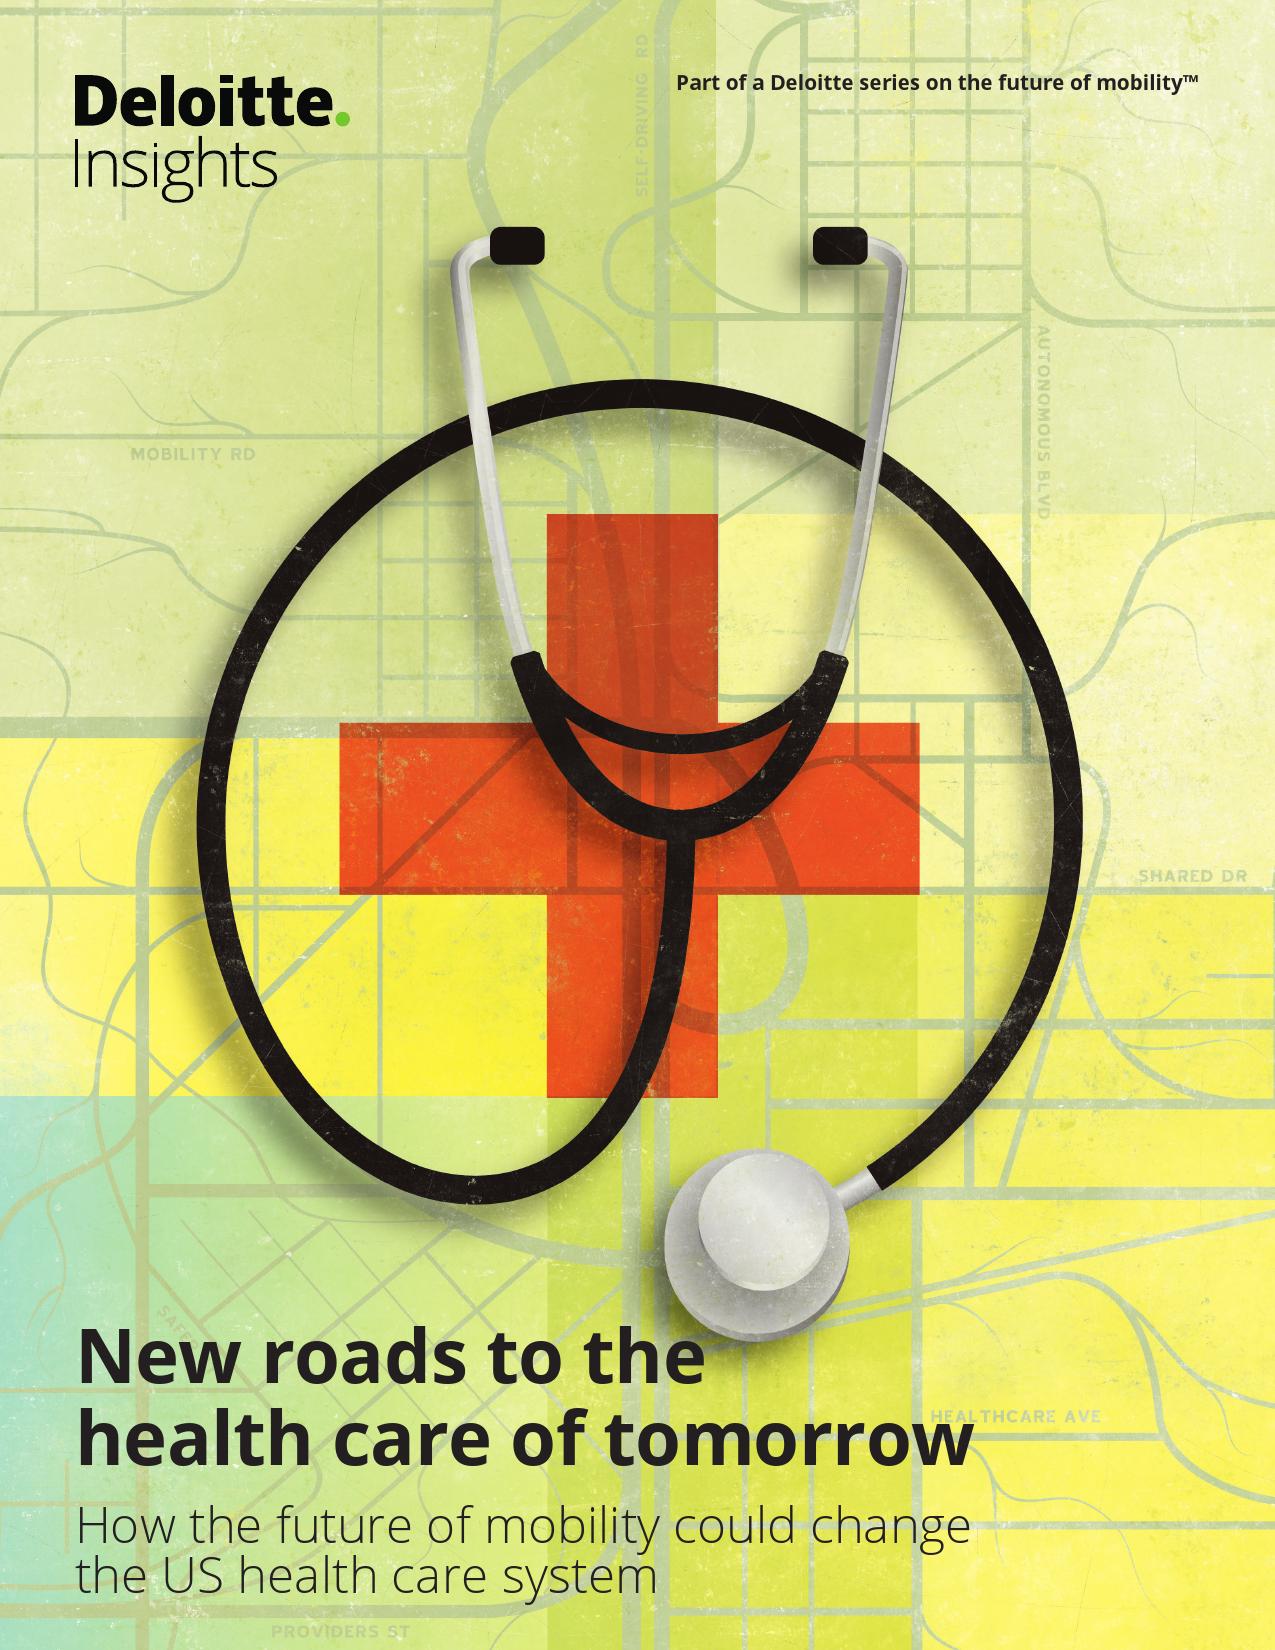 德勤:美国医疗保健的转型之路(附下载)